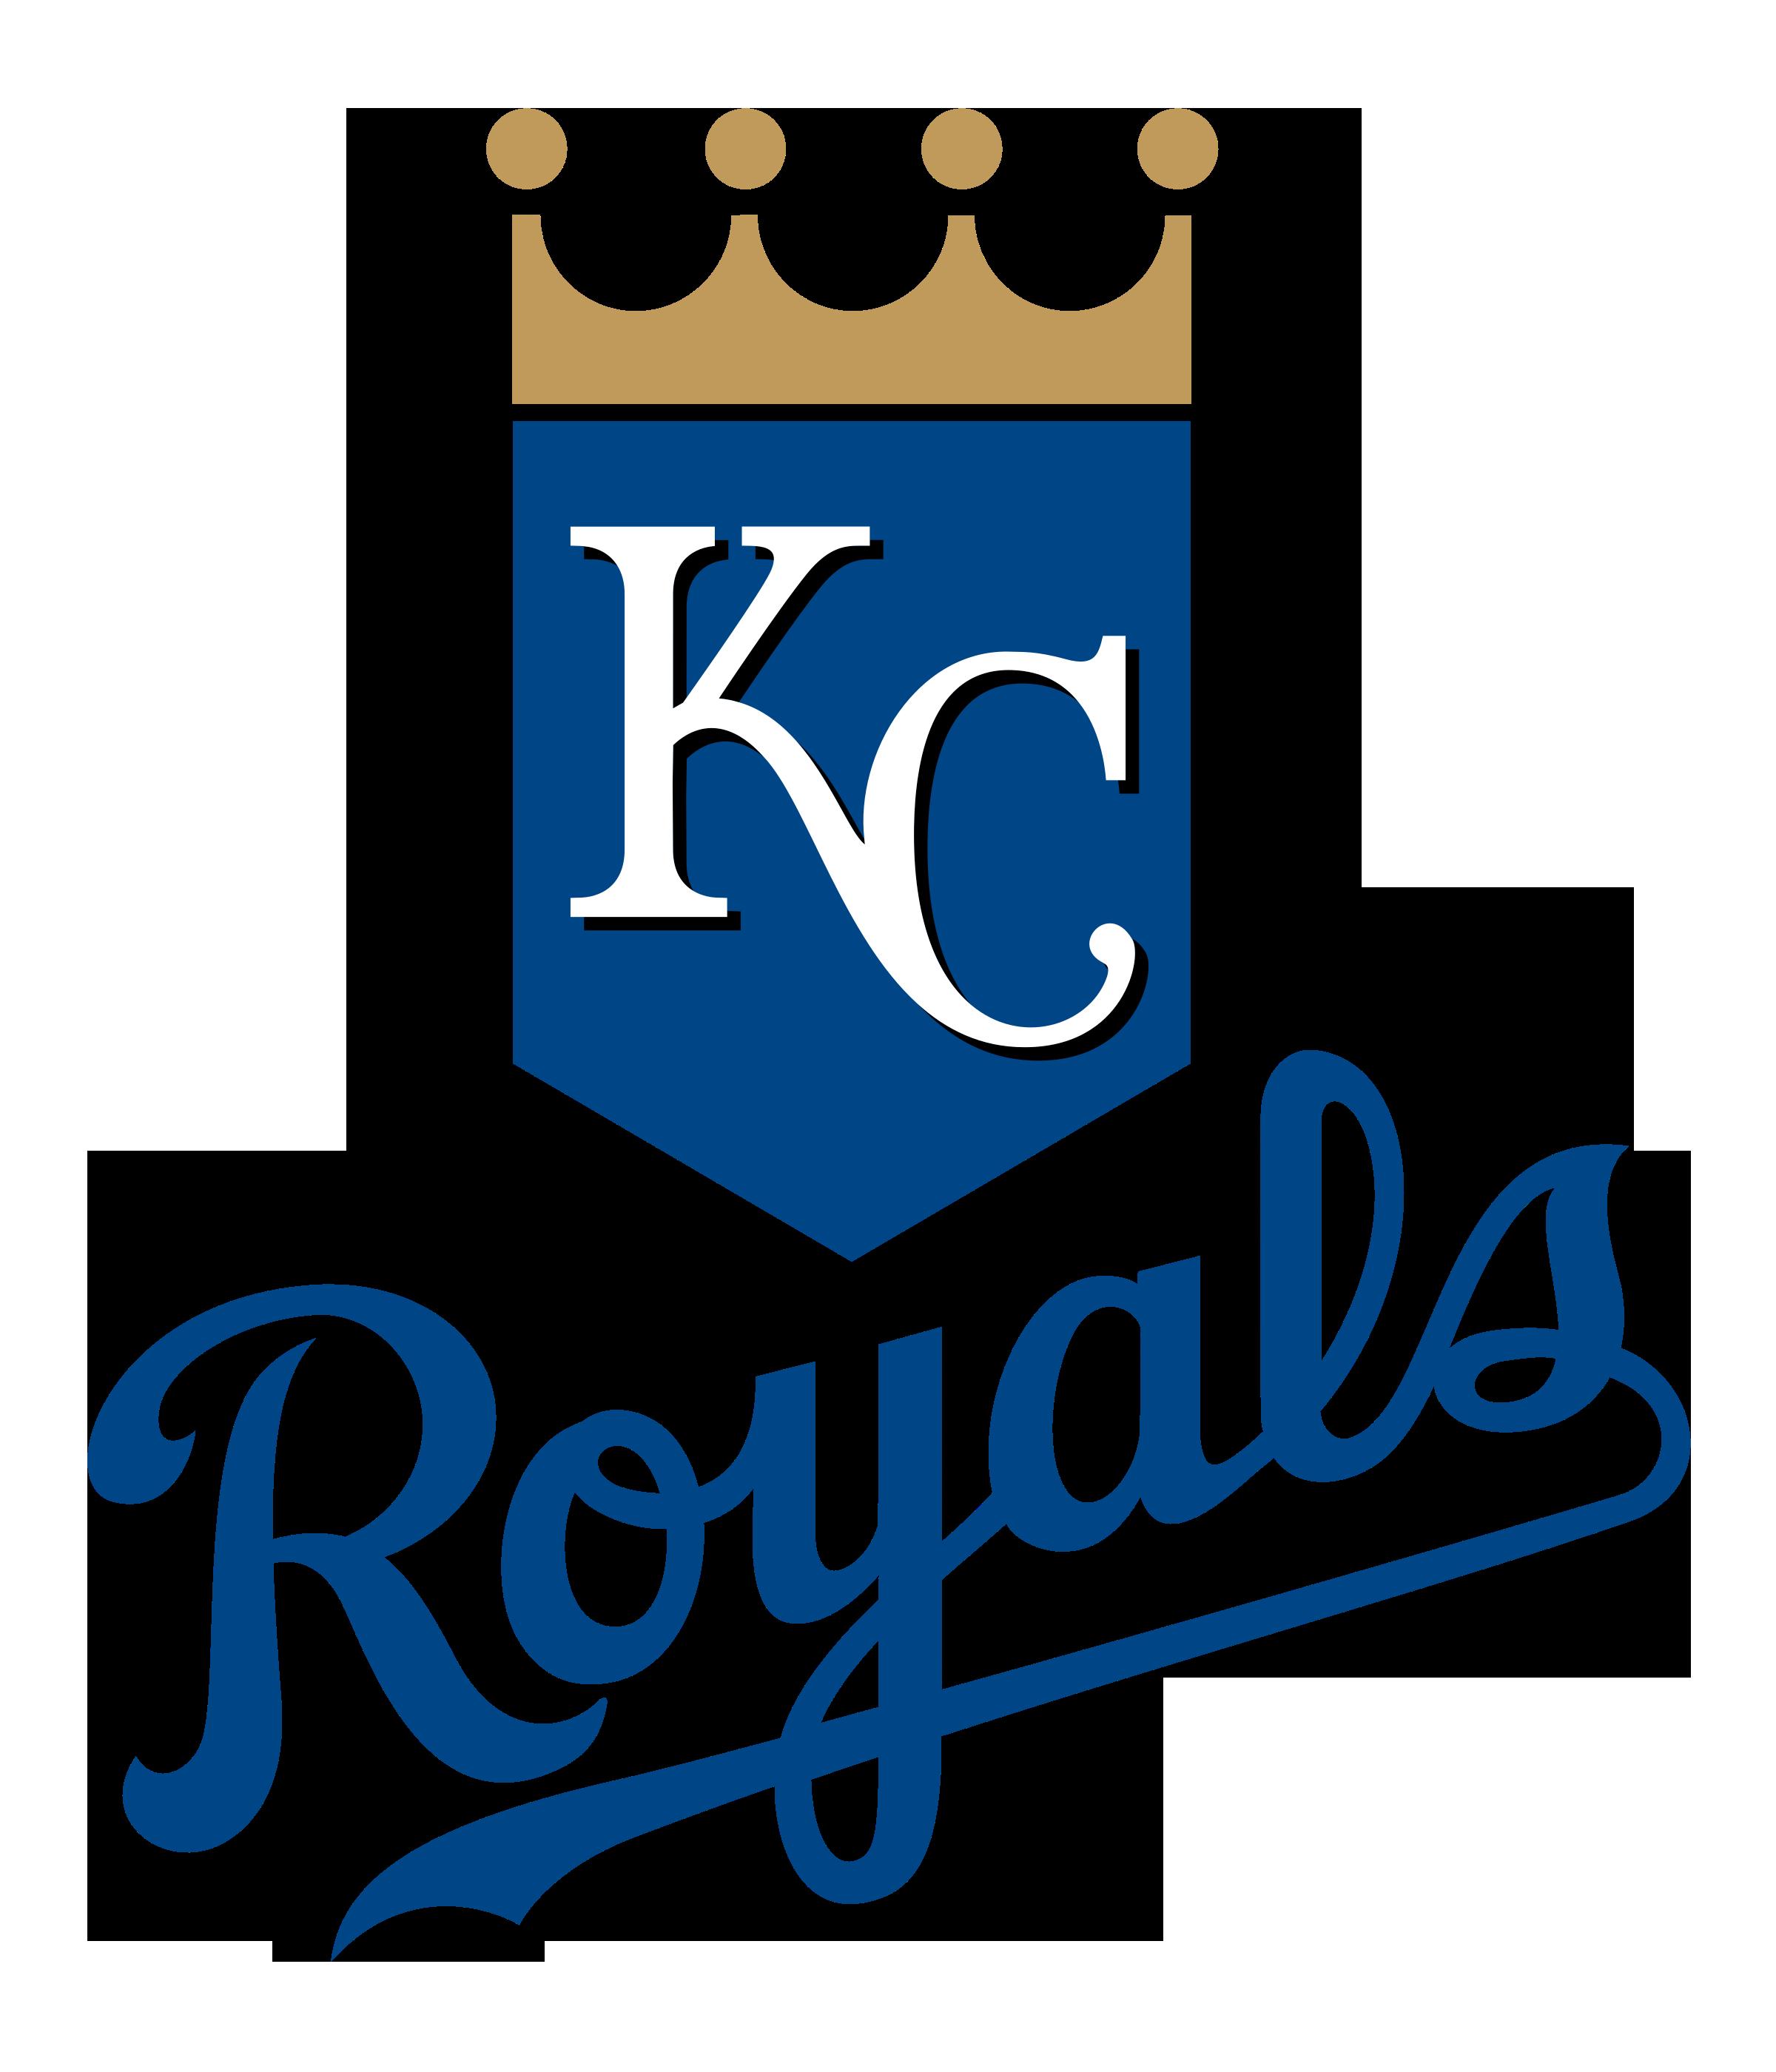 Kansas city royals crown logo clipart image transparent library Kansas City Royals Logo PNG Transparent & SVG Vector - Freebie Supply image transparent library